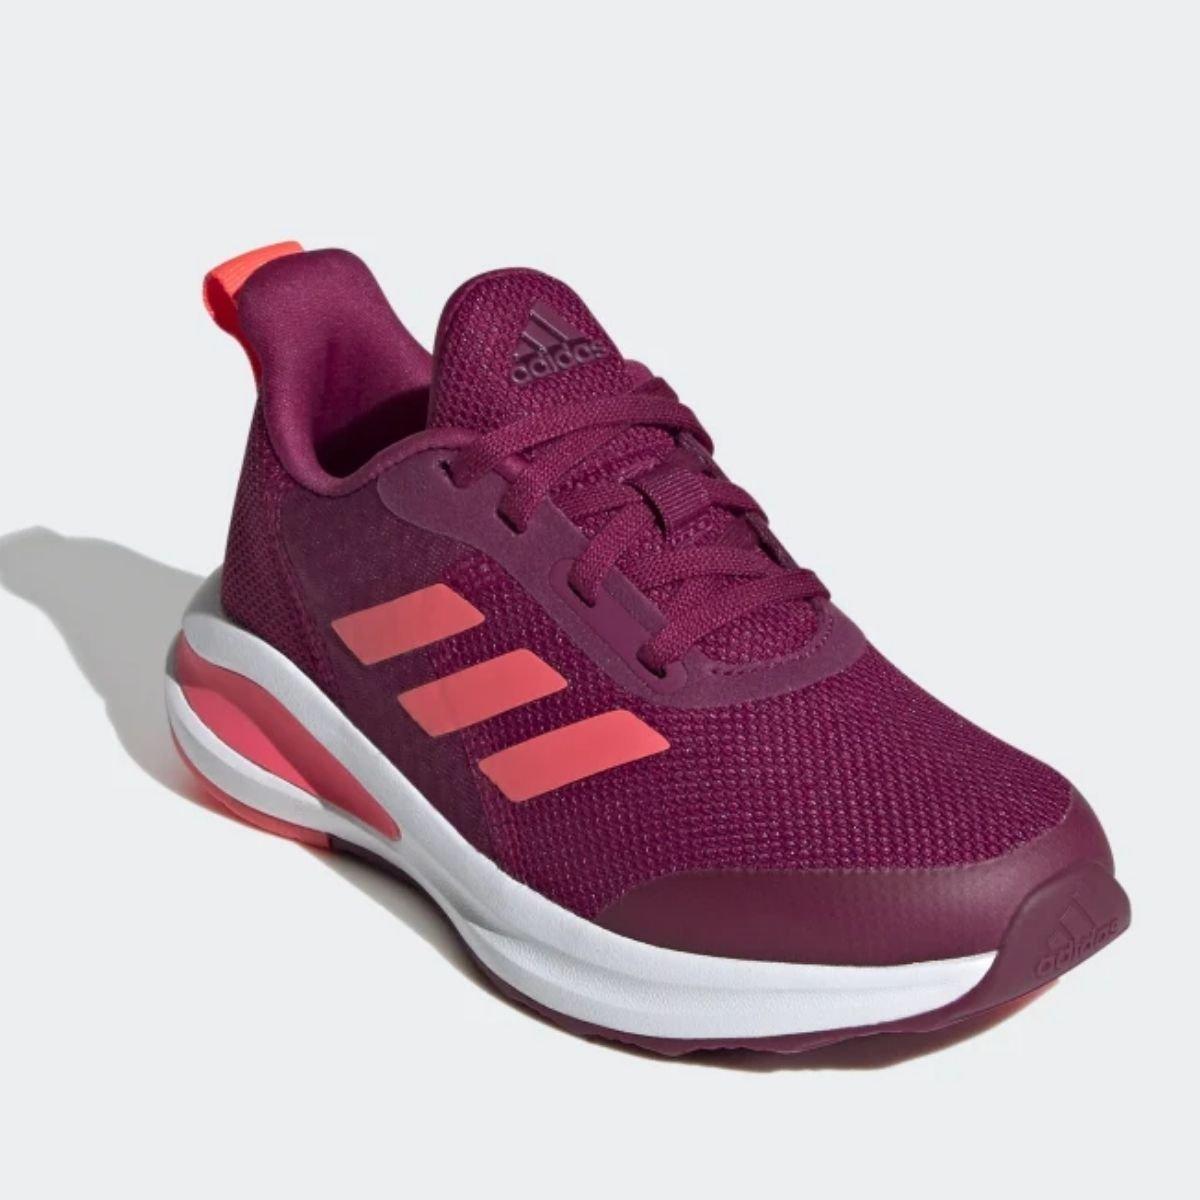 Scarpa Adidas FortaRun 20...